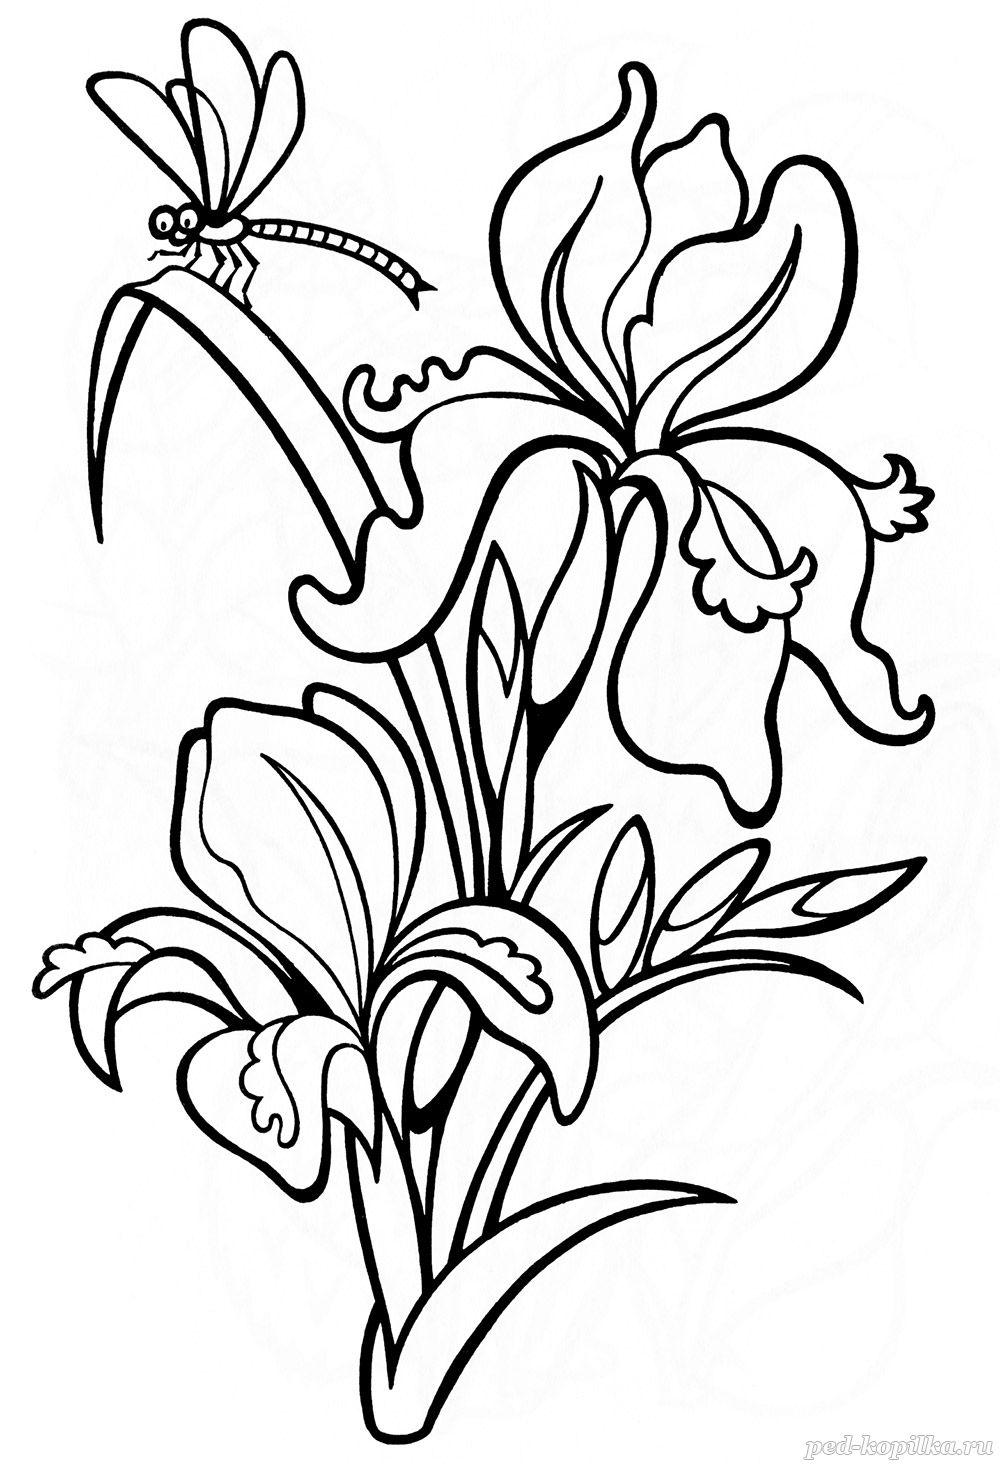 Летние цветы ирисы